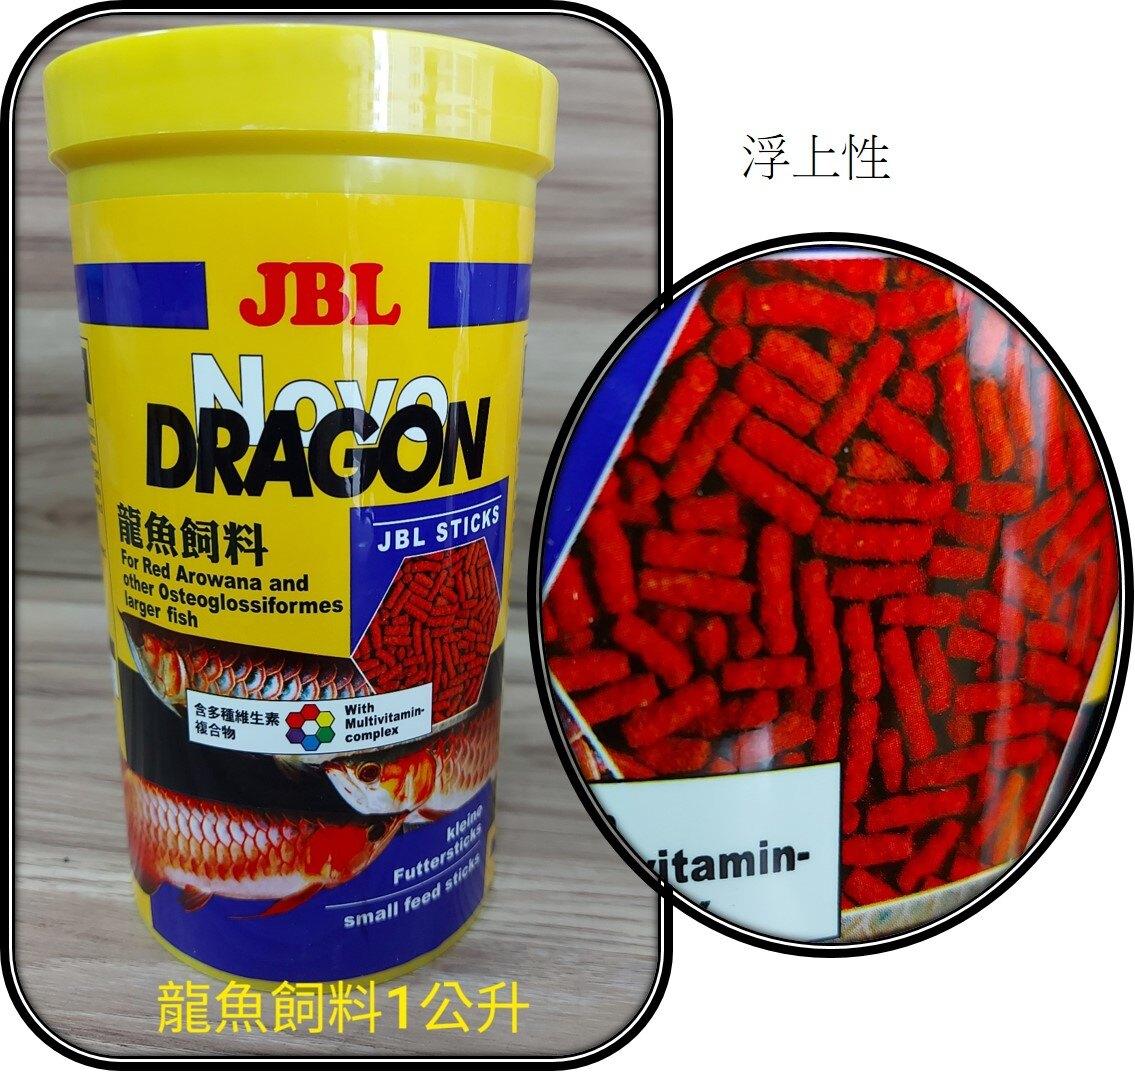 德國 JBL 珍寶 Novo Dragon【龍魚飼料 1L 浮上性】條狀 飼料 龍魚